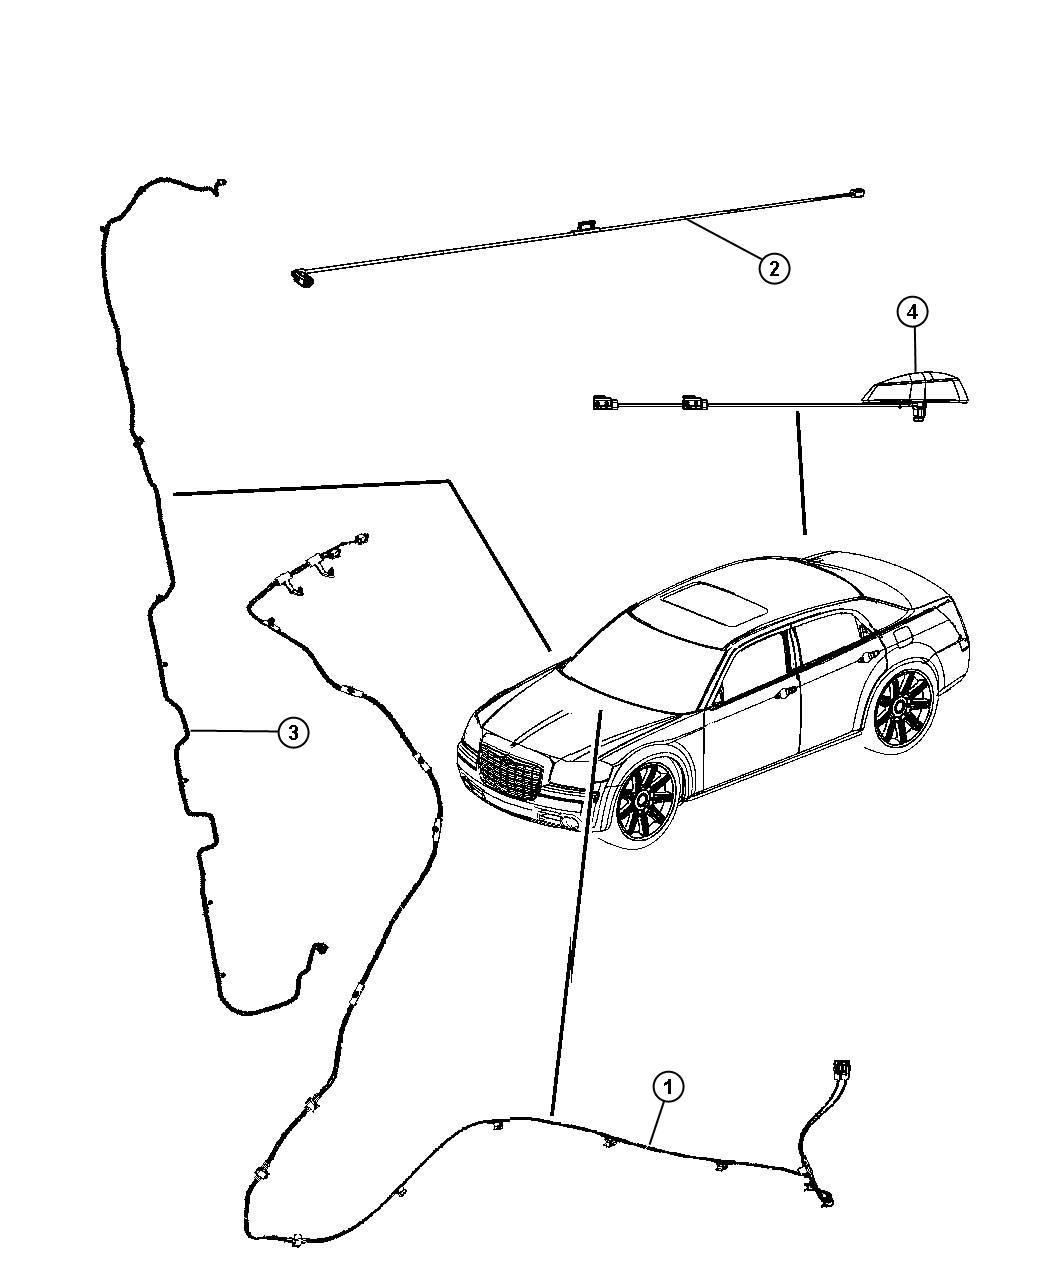 2010 Chrysler Sebring Cable  Wiring  Radio  Satellite